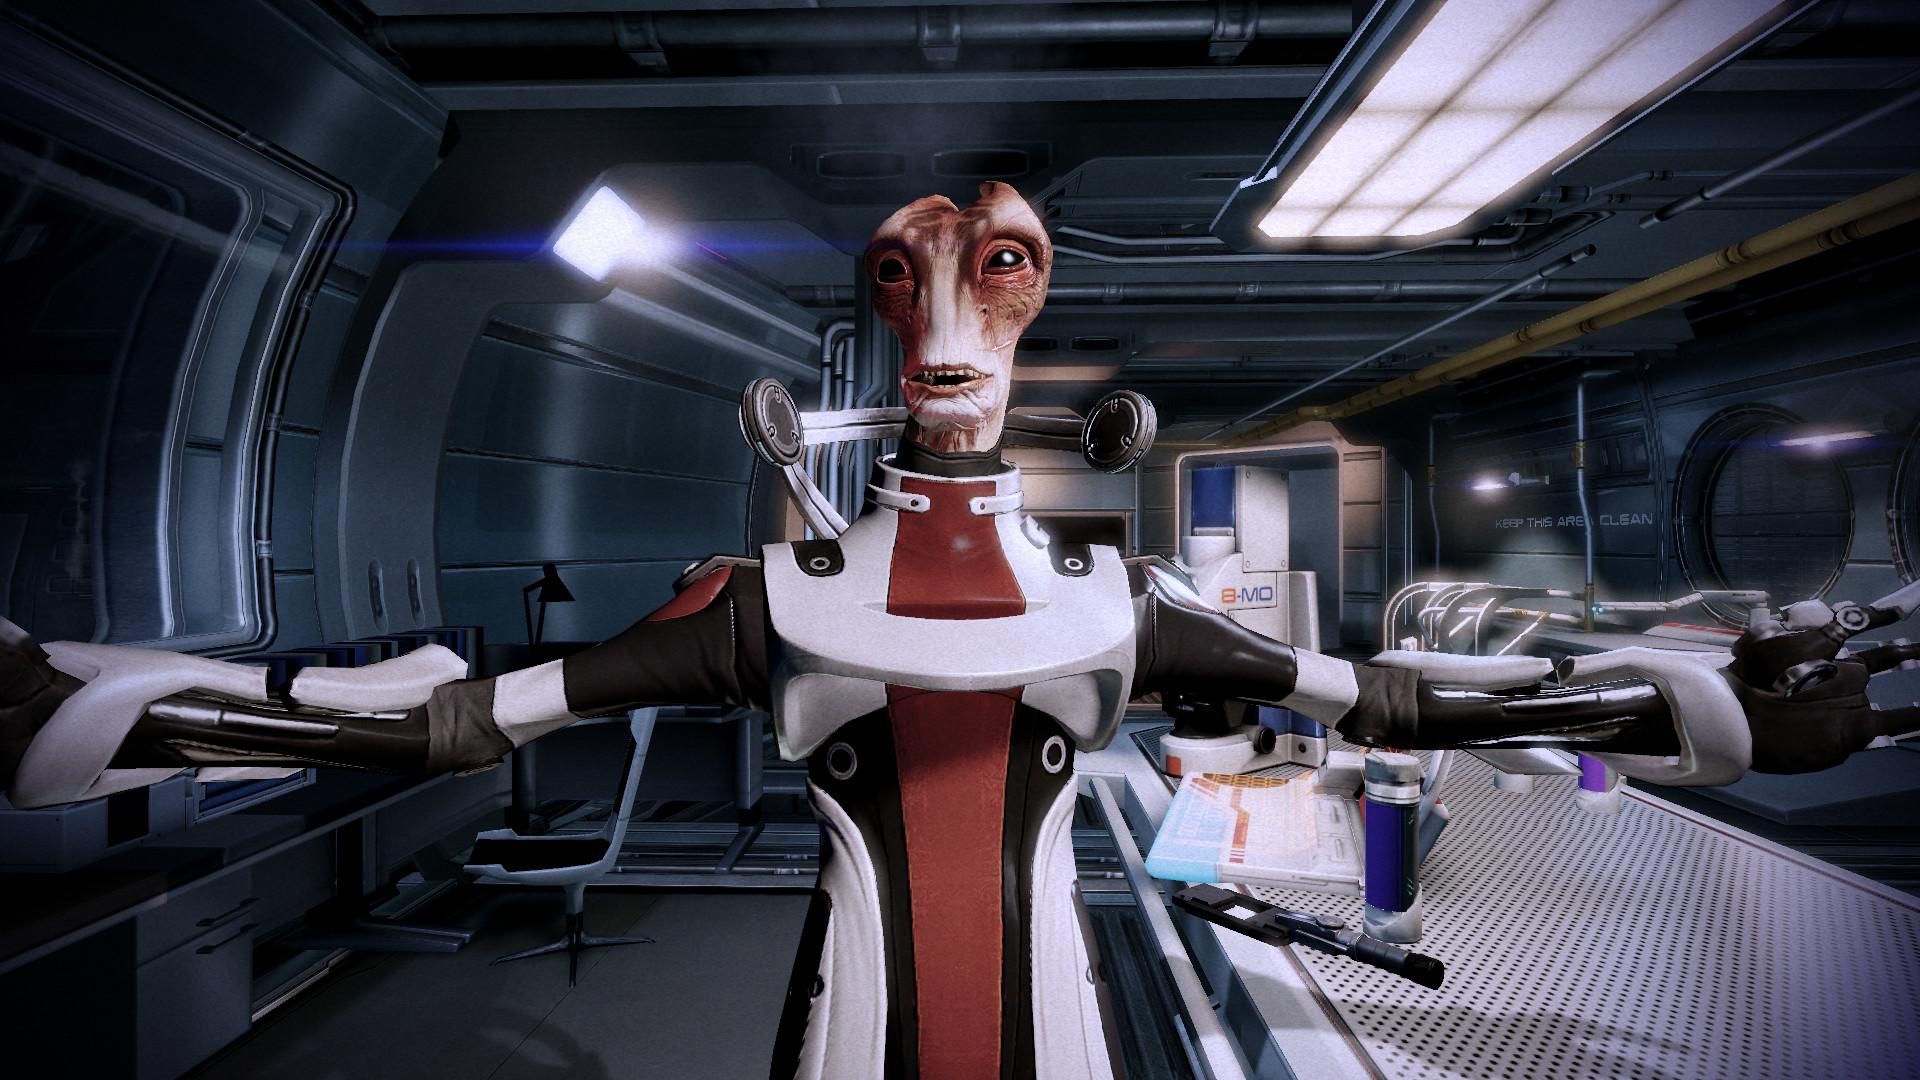 Replaying Mass Effect 2